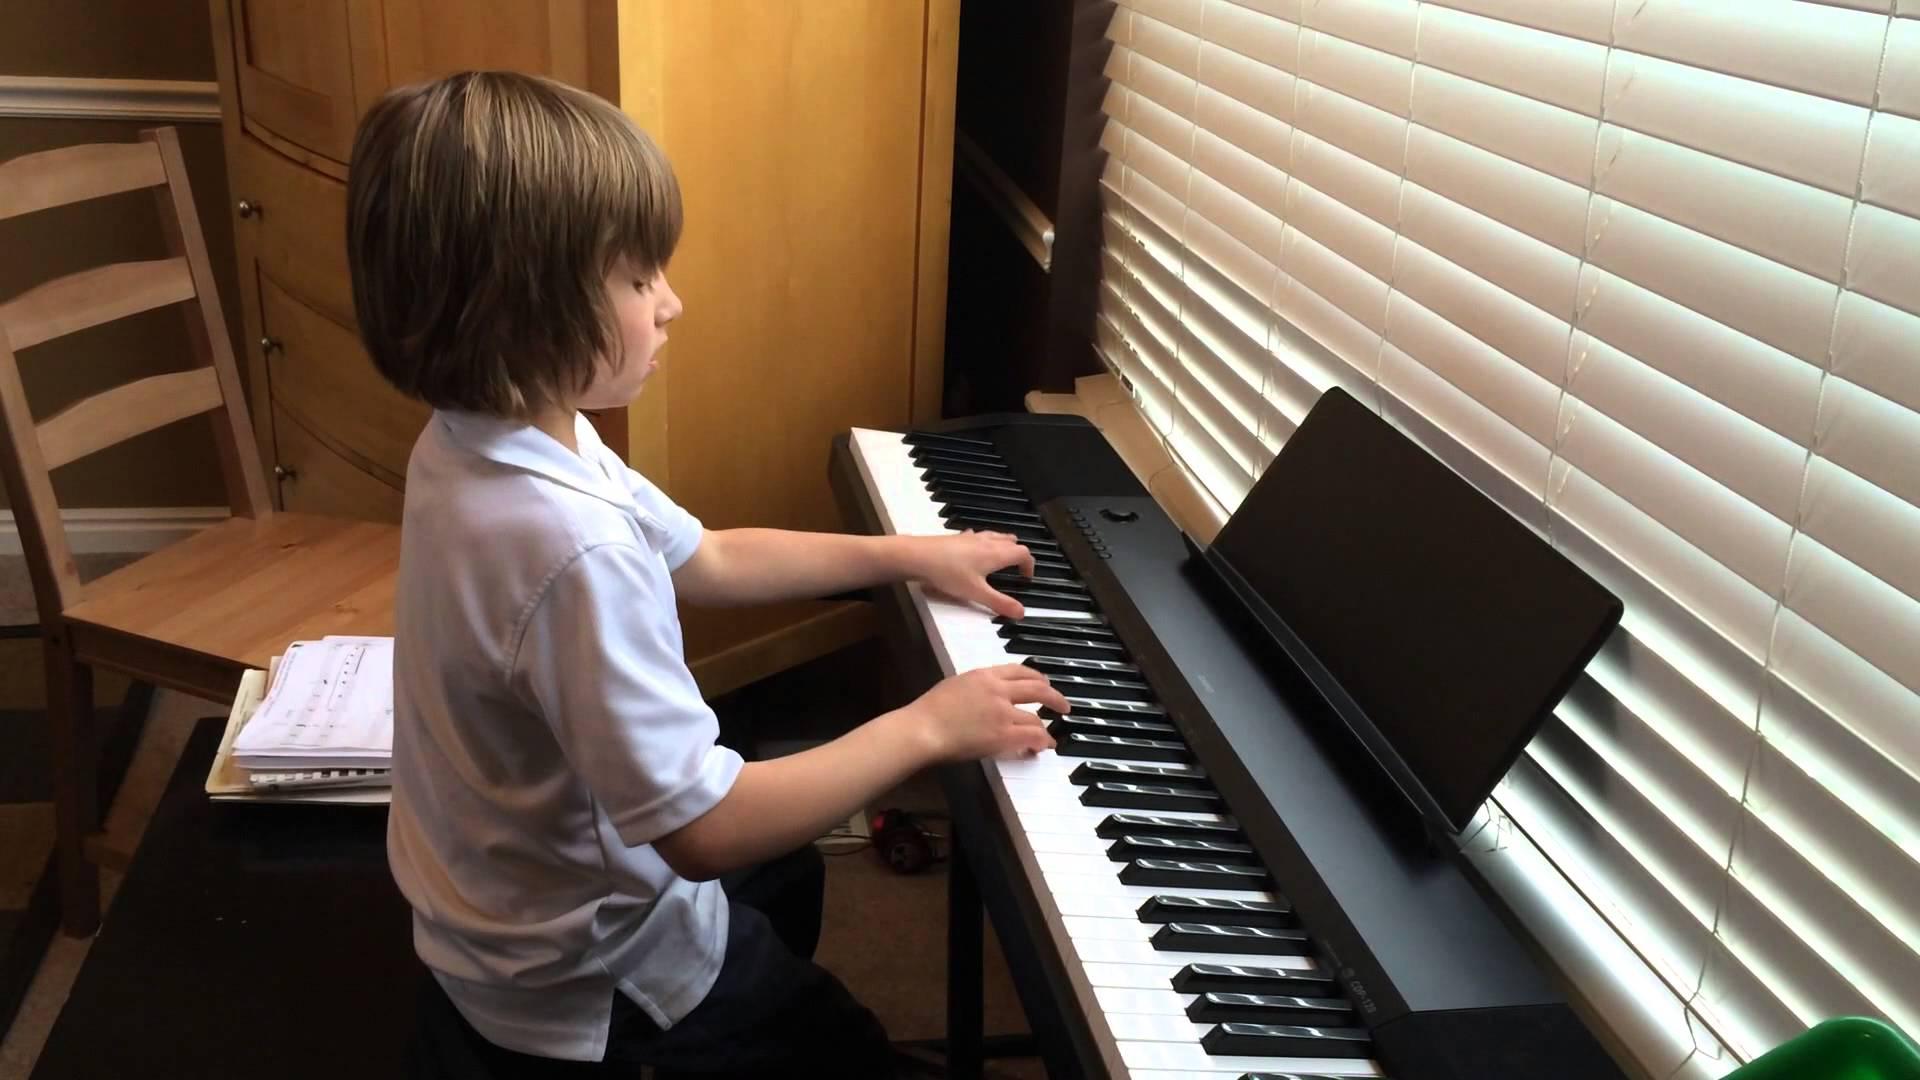 Portatif Taşınabilir Seyyar Piyano Elektro Dijital Digital Klavye Özel Ders Kurslar Öğretmen Okulu Hoca Öğretmen Çalgı Enstrümanı Giriş Piyanosu Çalgı çal